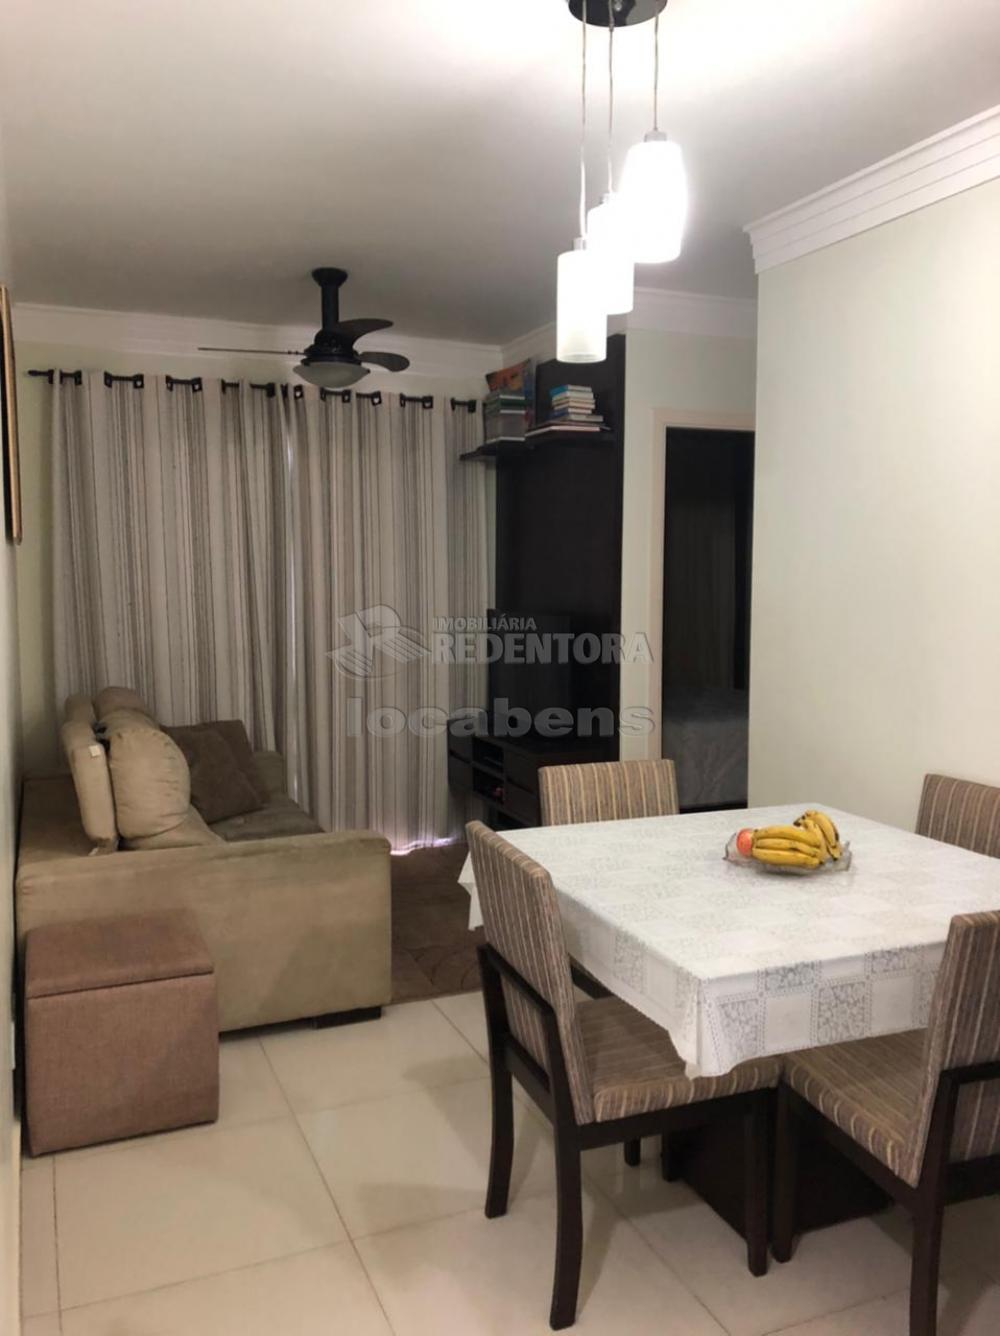 Comprar Apartamento / Padrão em São José do Rio Preto apenas R$ 270.000,00 - Foto 6